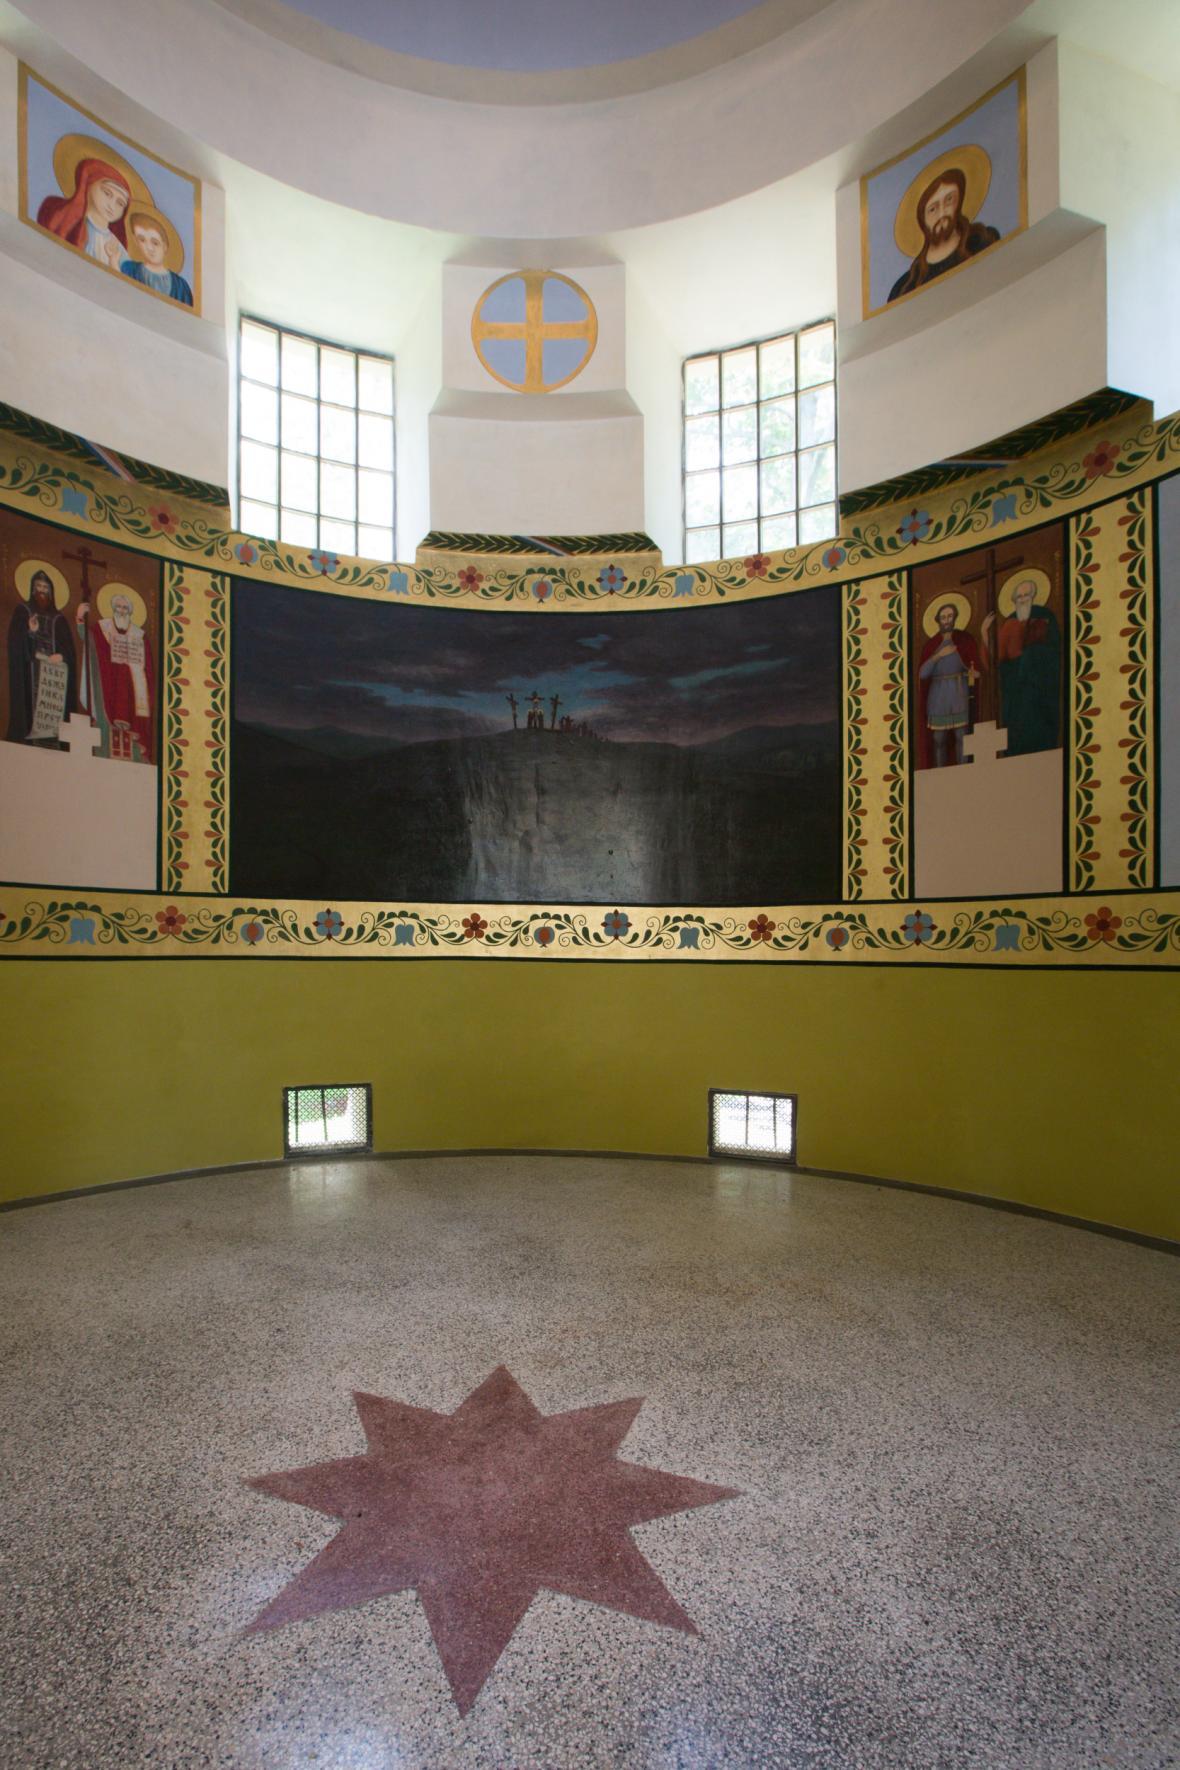 Vnitřní prostory Jihoslovanského mauzolea